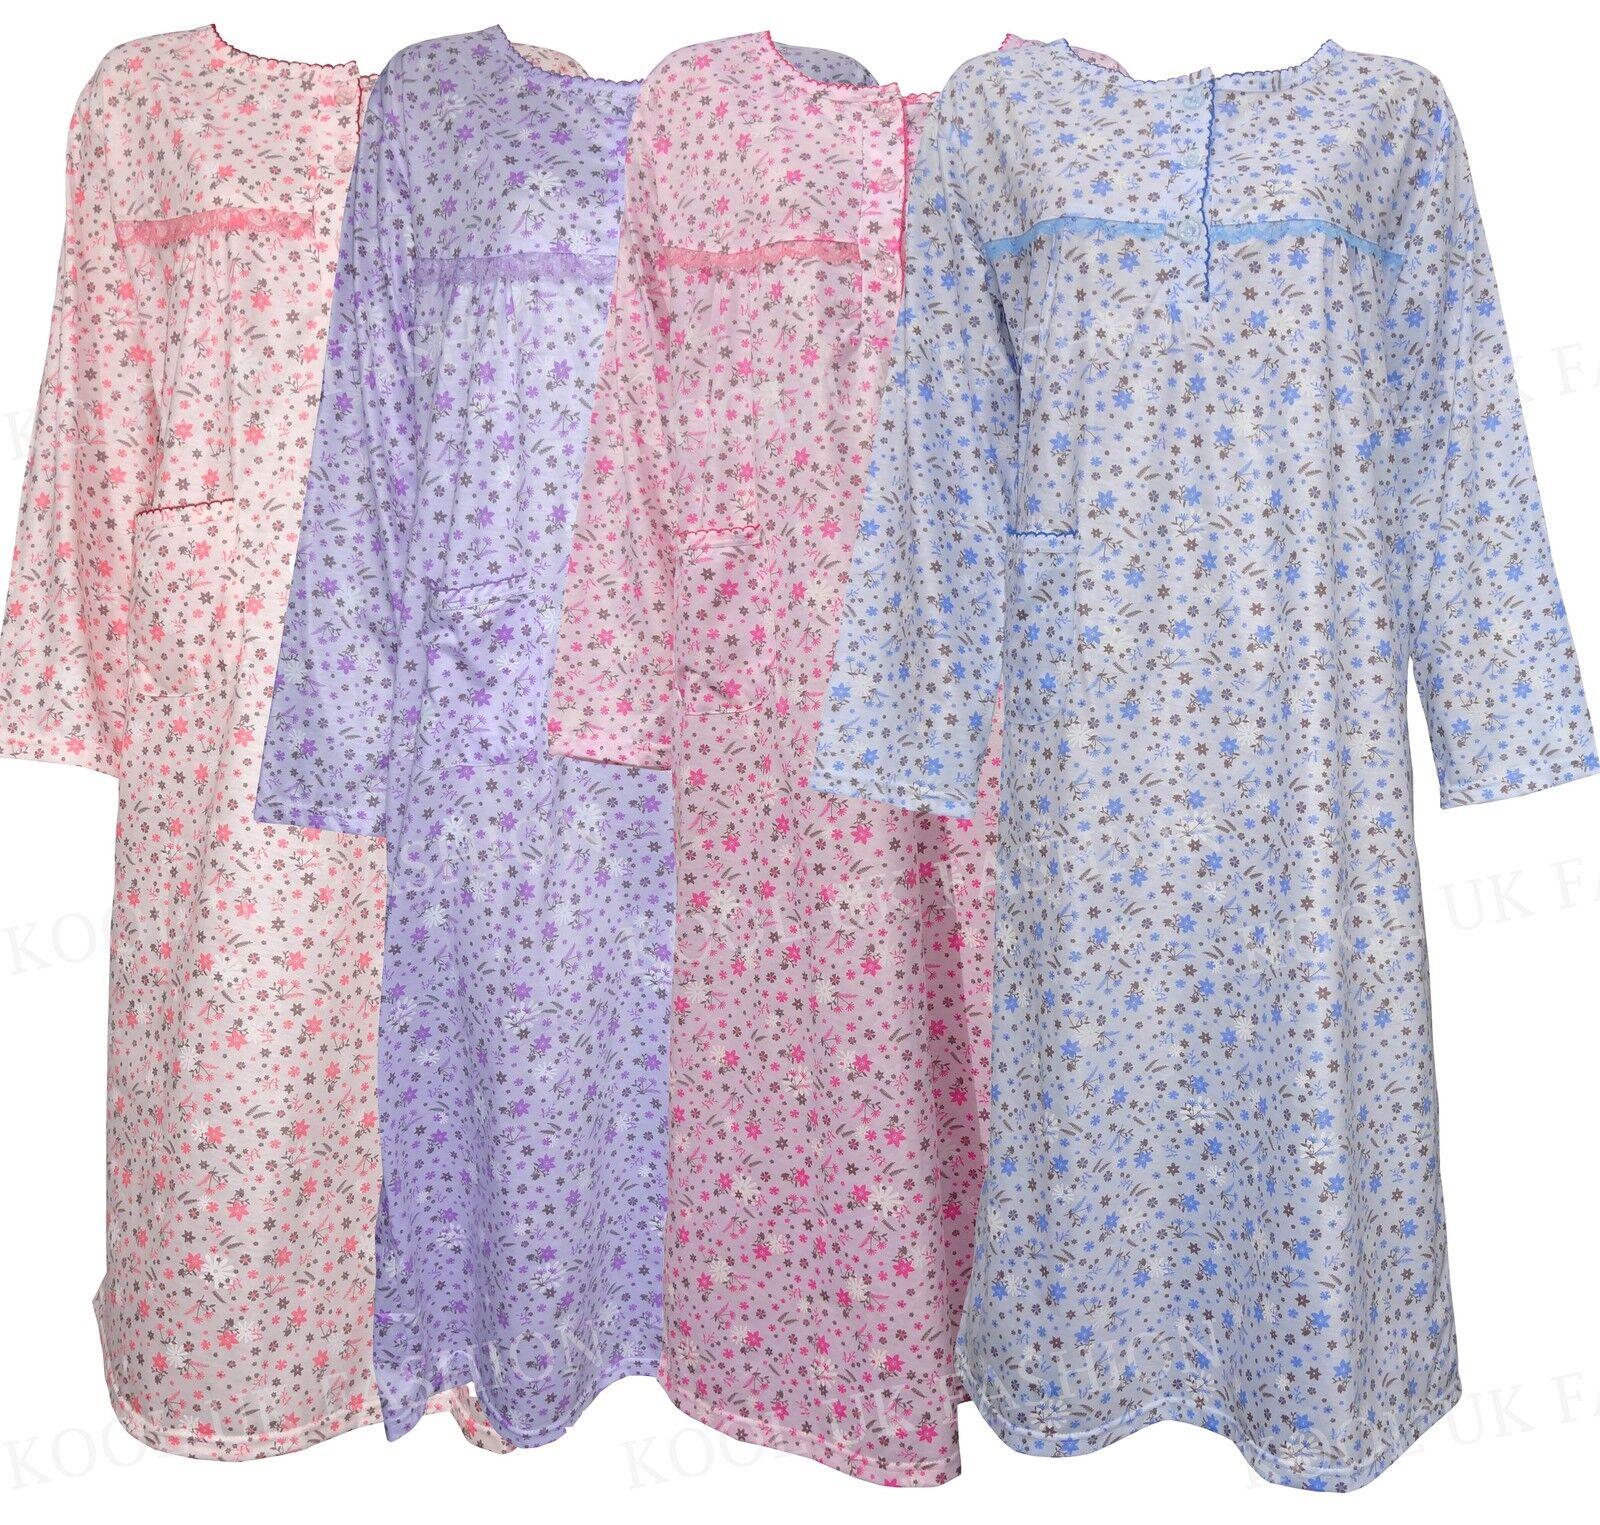 da donna con fiori Camicia notte pigiama cotone intera maniche 8-16